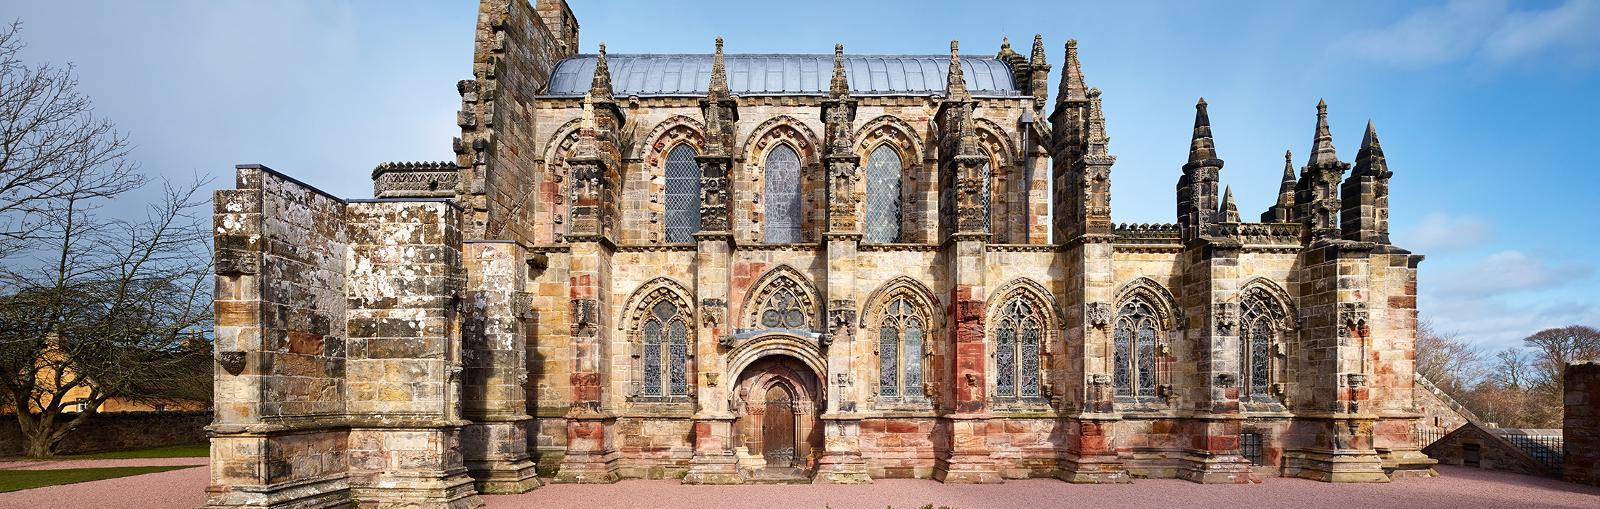 کلیسای روسلین اسکاتلند